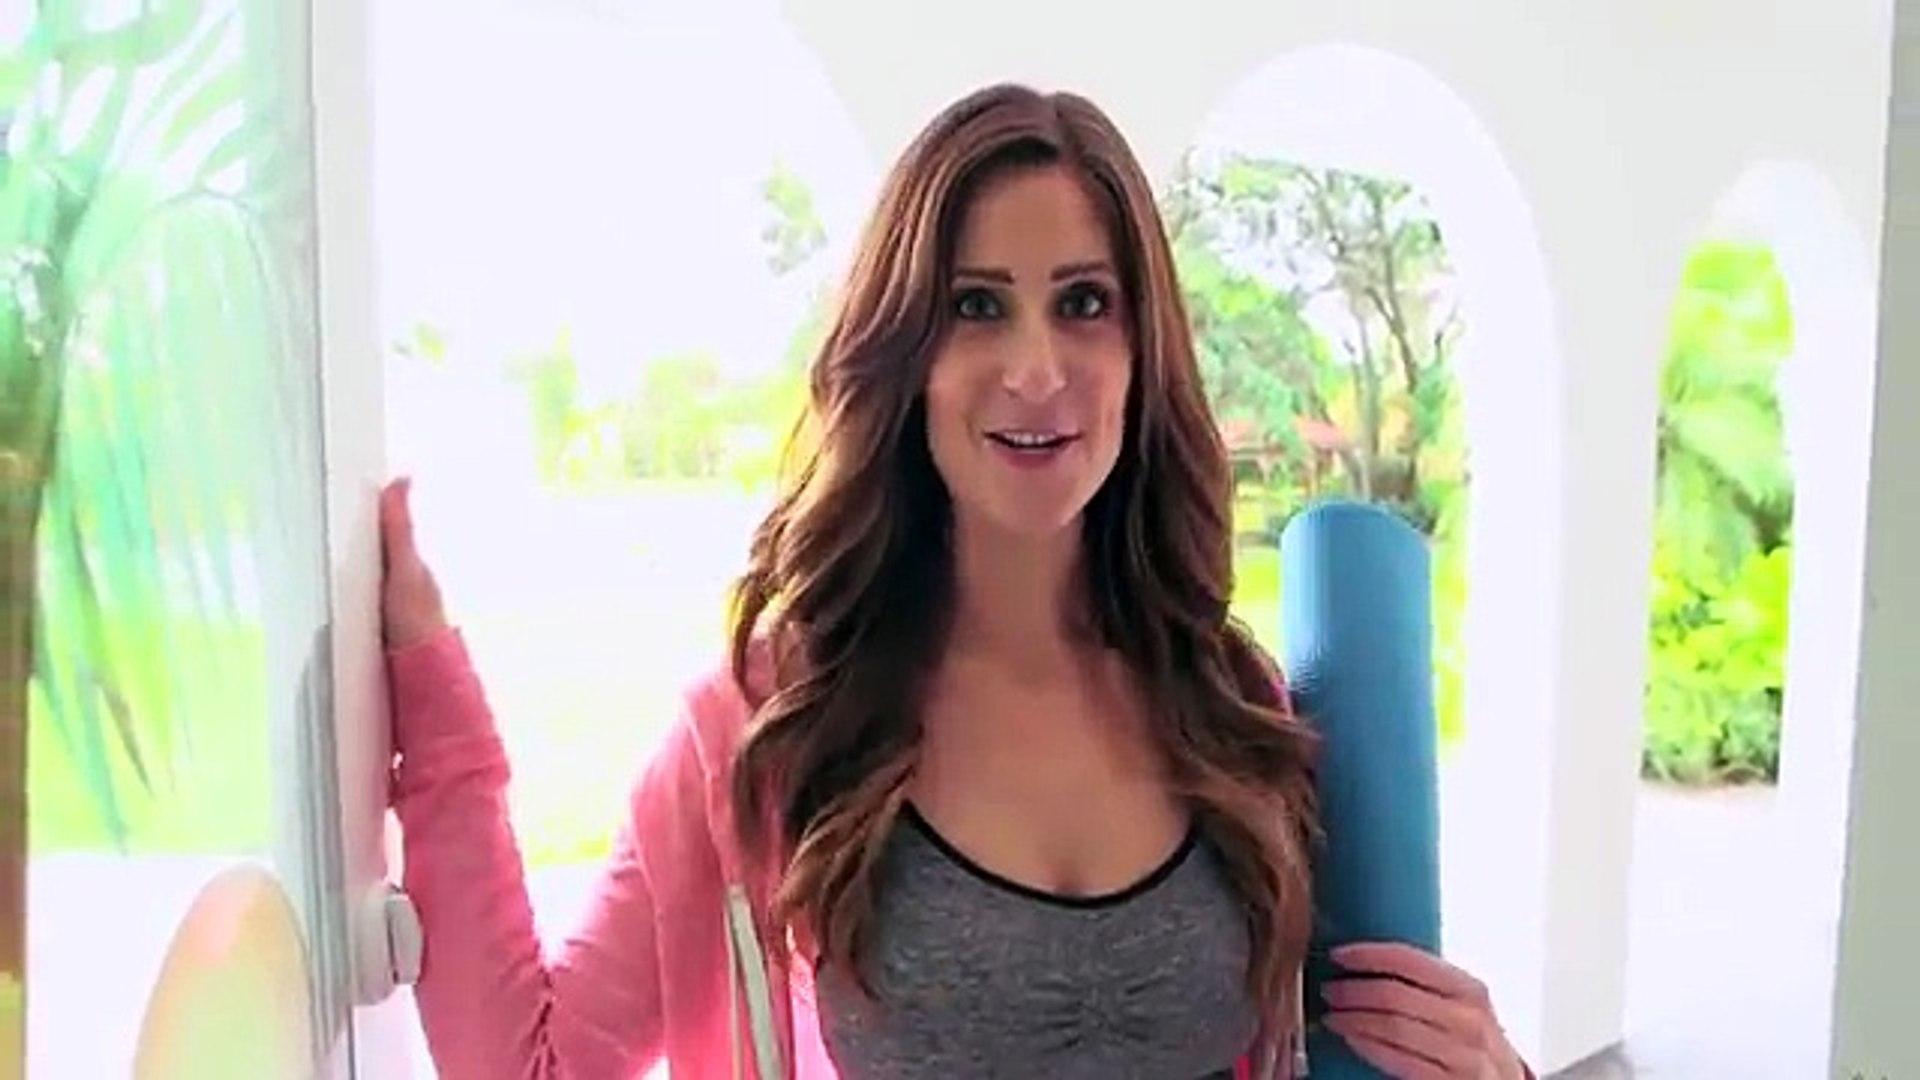 Yoga Pants Hot Workout Female Fitness Xtreme Yoga Poses Training YogaFit Challenge Flexibility